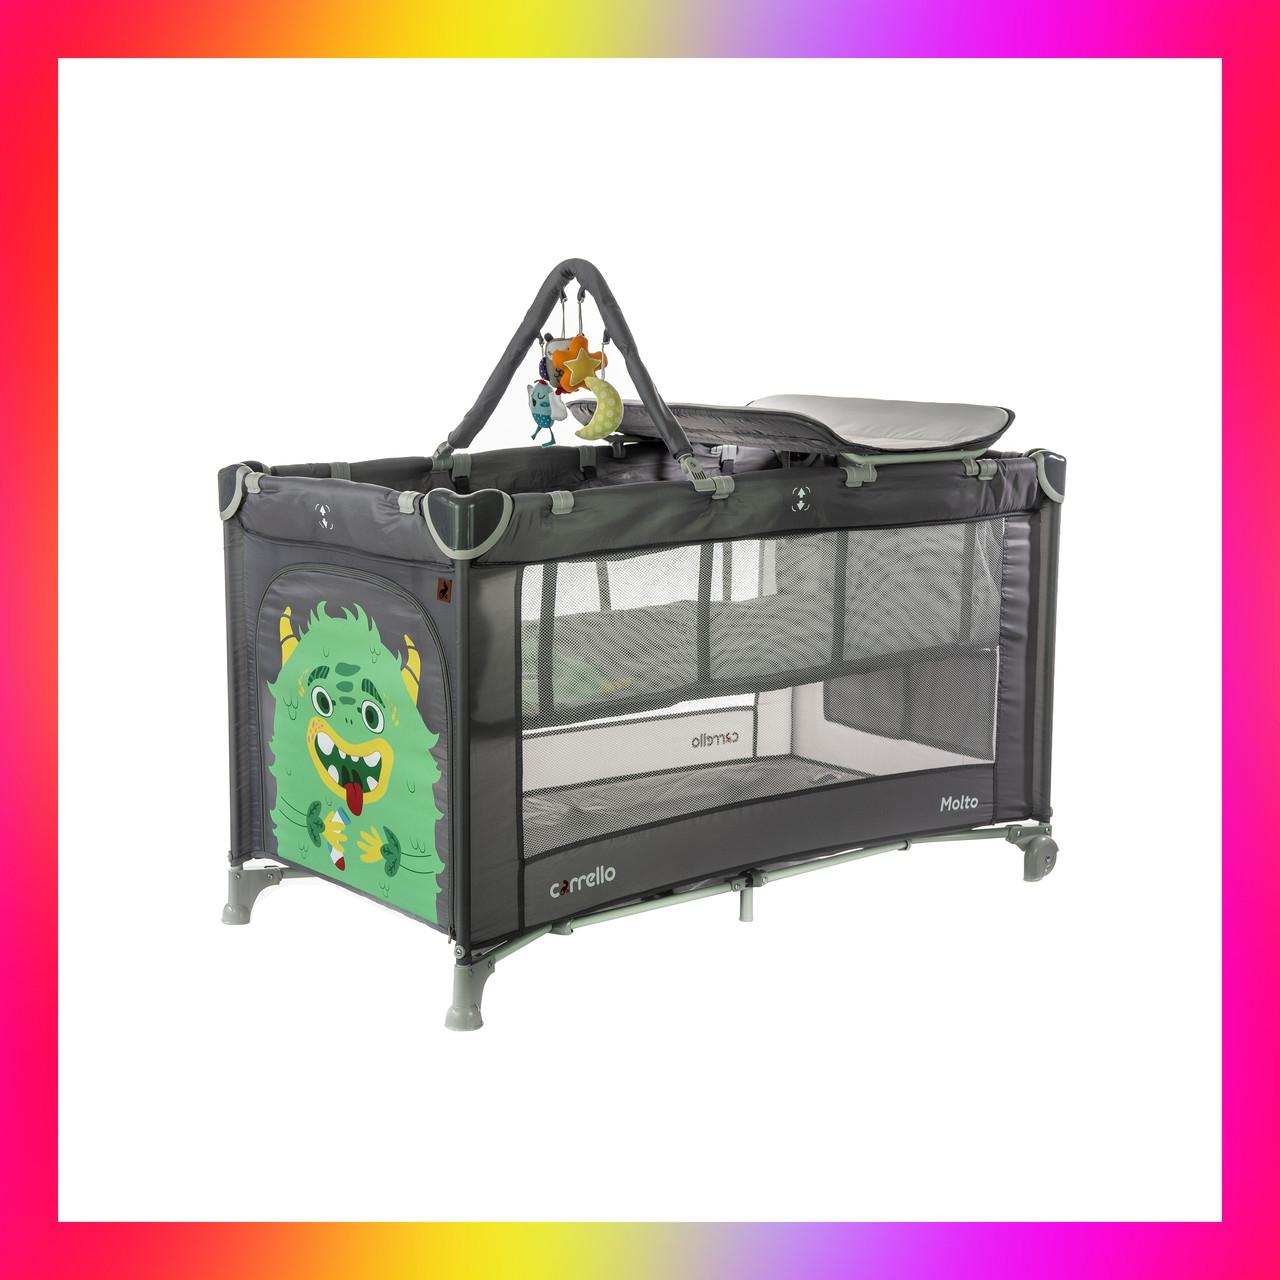 Дитяча манеж-ліжко з пеленальним столиком і 2 рівнями положення матраца CARRELLO Molto CRL-11604 Ash Grey